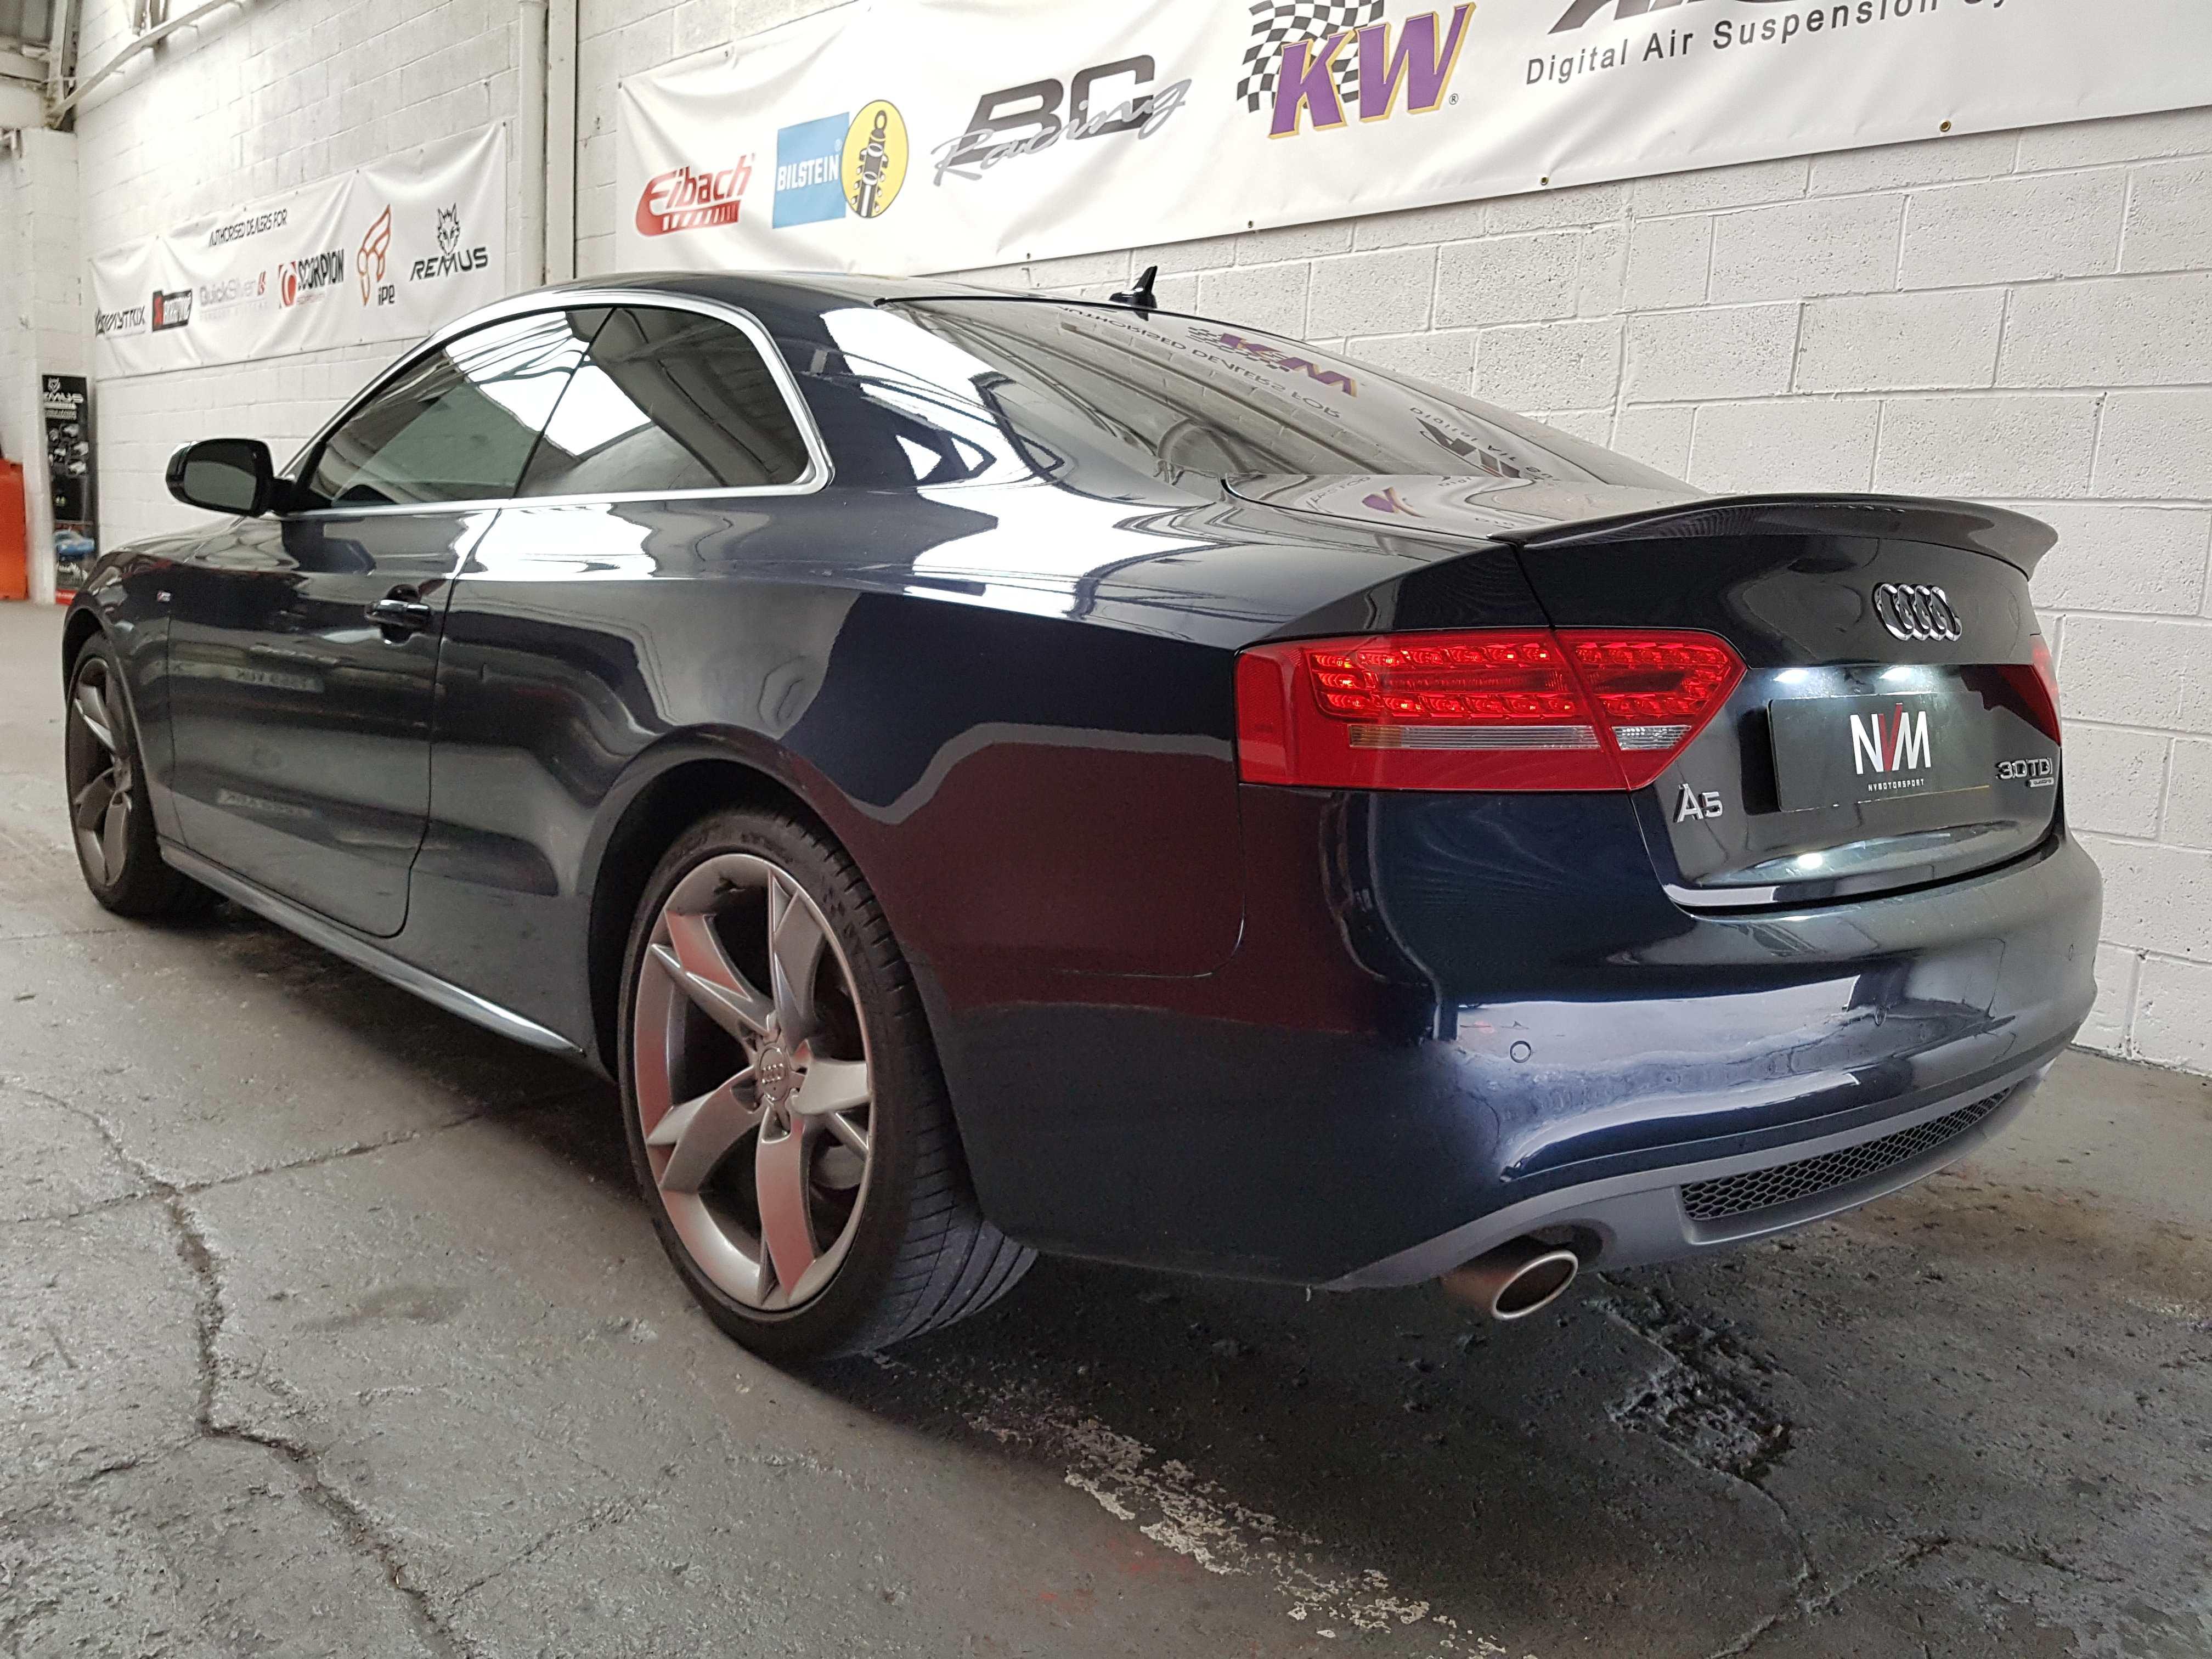 Kelebihan Kekurangan Audi A5 3.0 Tangguh